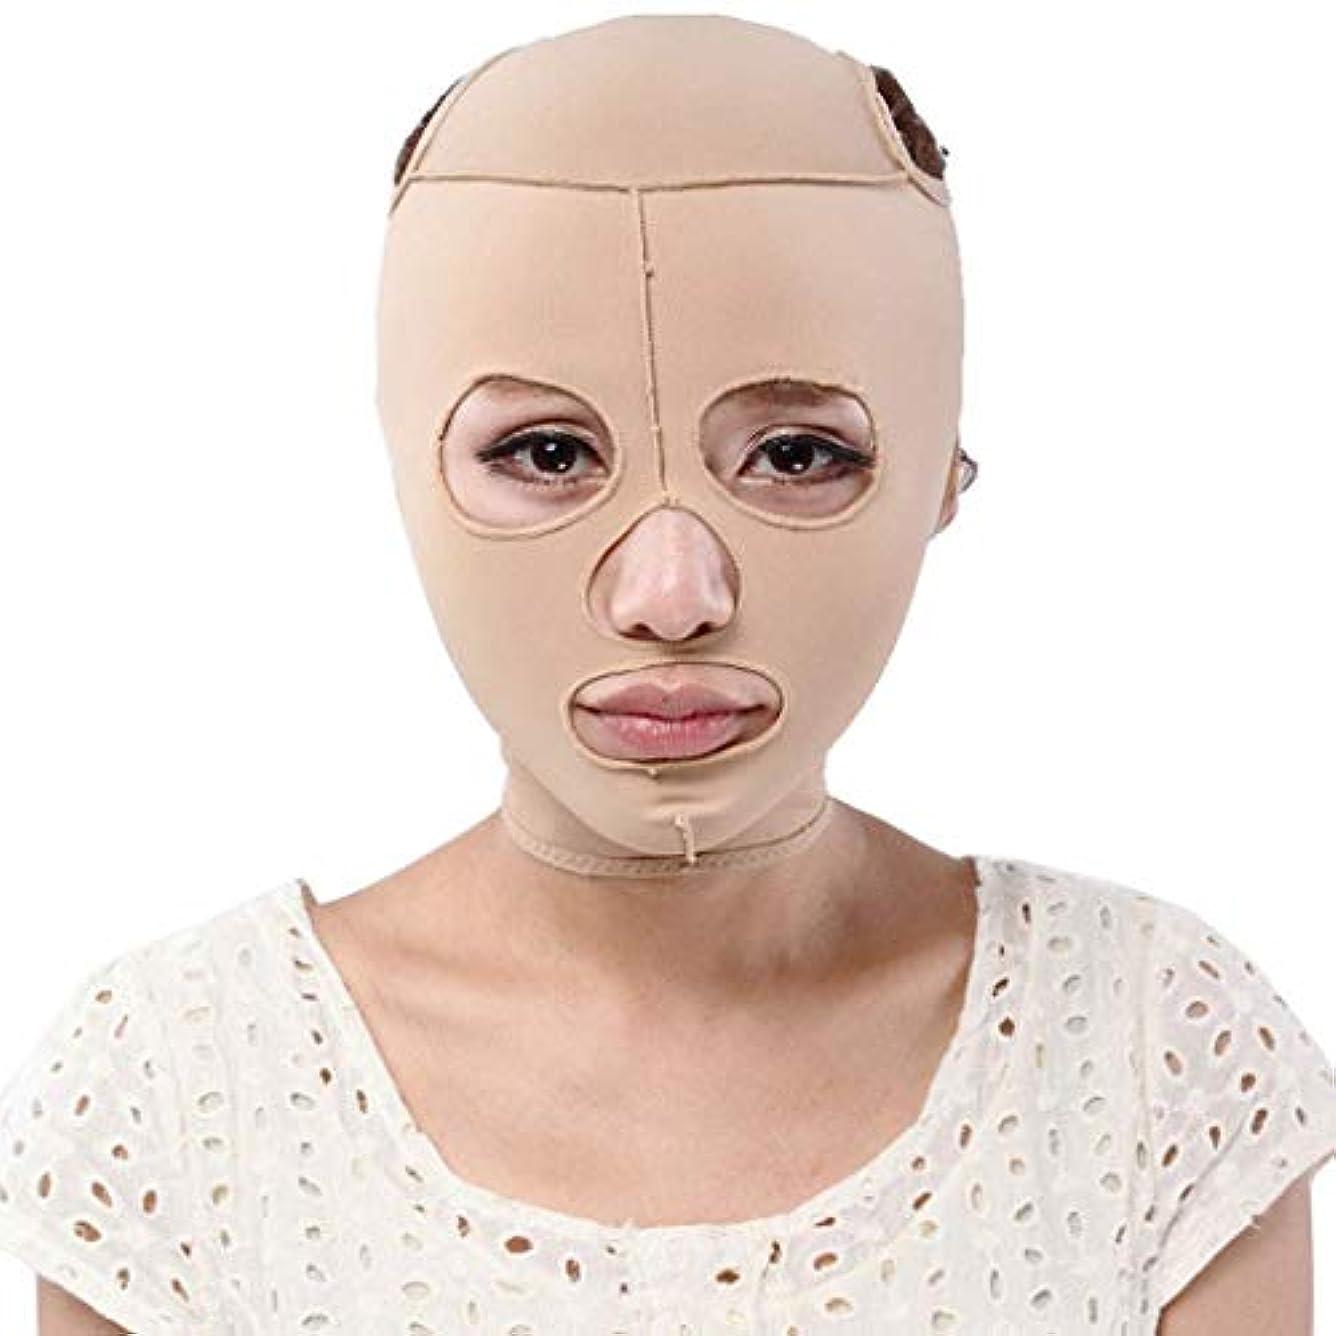 韓国語おなじみの明確にフェイシャルスリミングマスク、フェイスリフティング包帯Vフェイスリフティングおよびリフティング/チンブラッシュスリムボディリダクションダブルチン減量包帯通気性、肌(XL) (S)